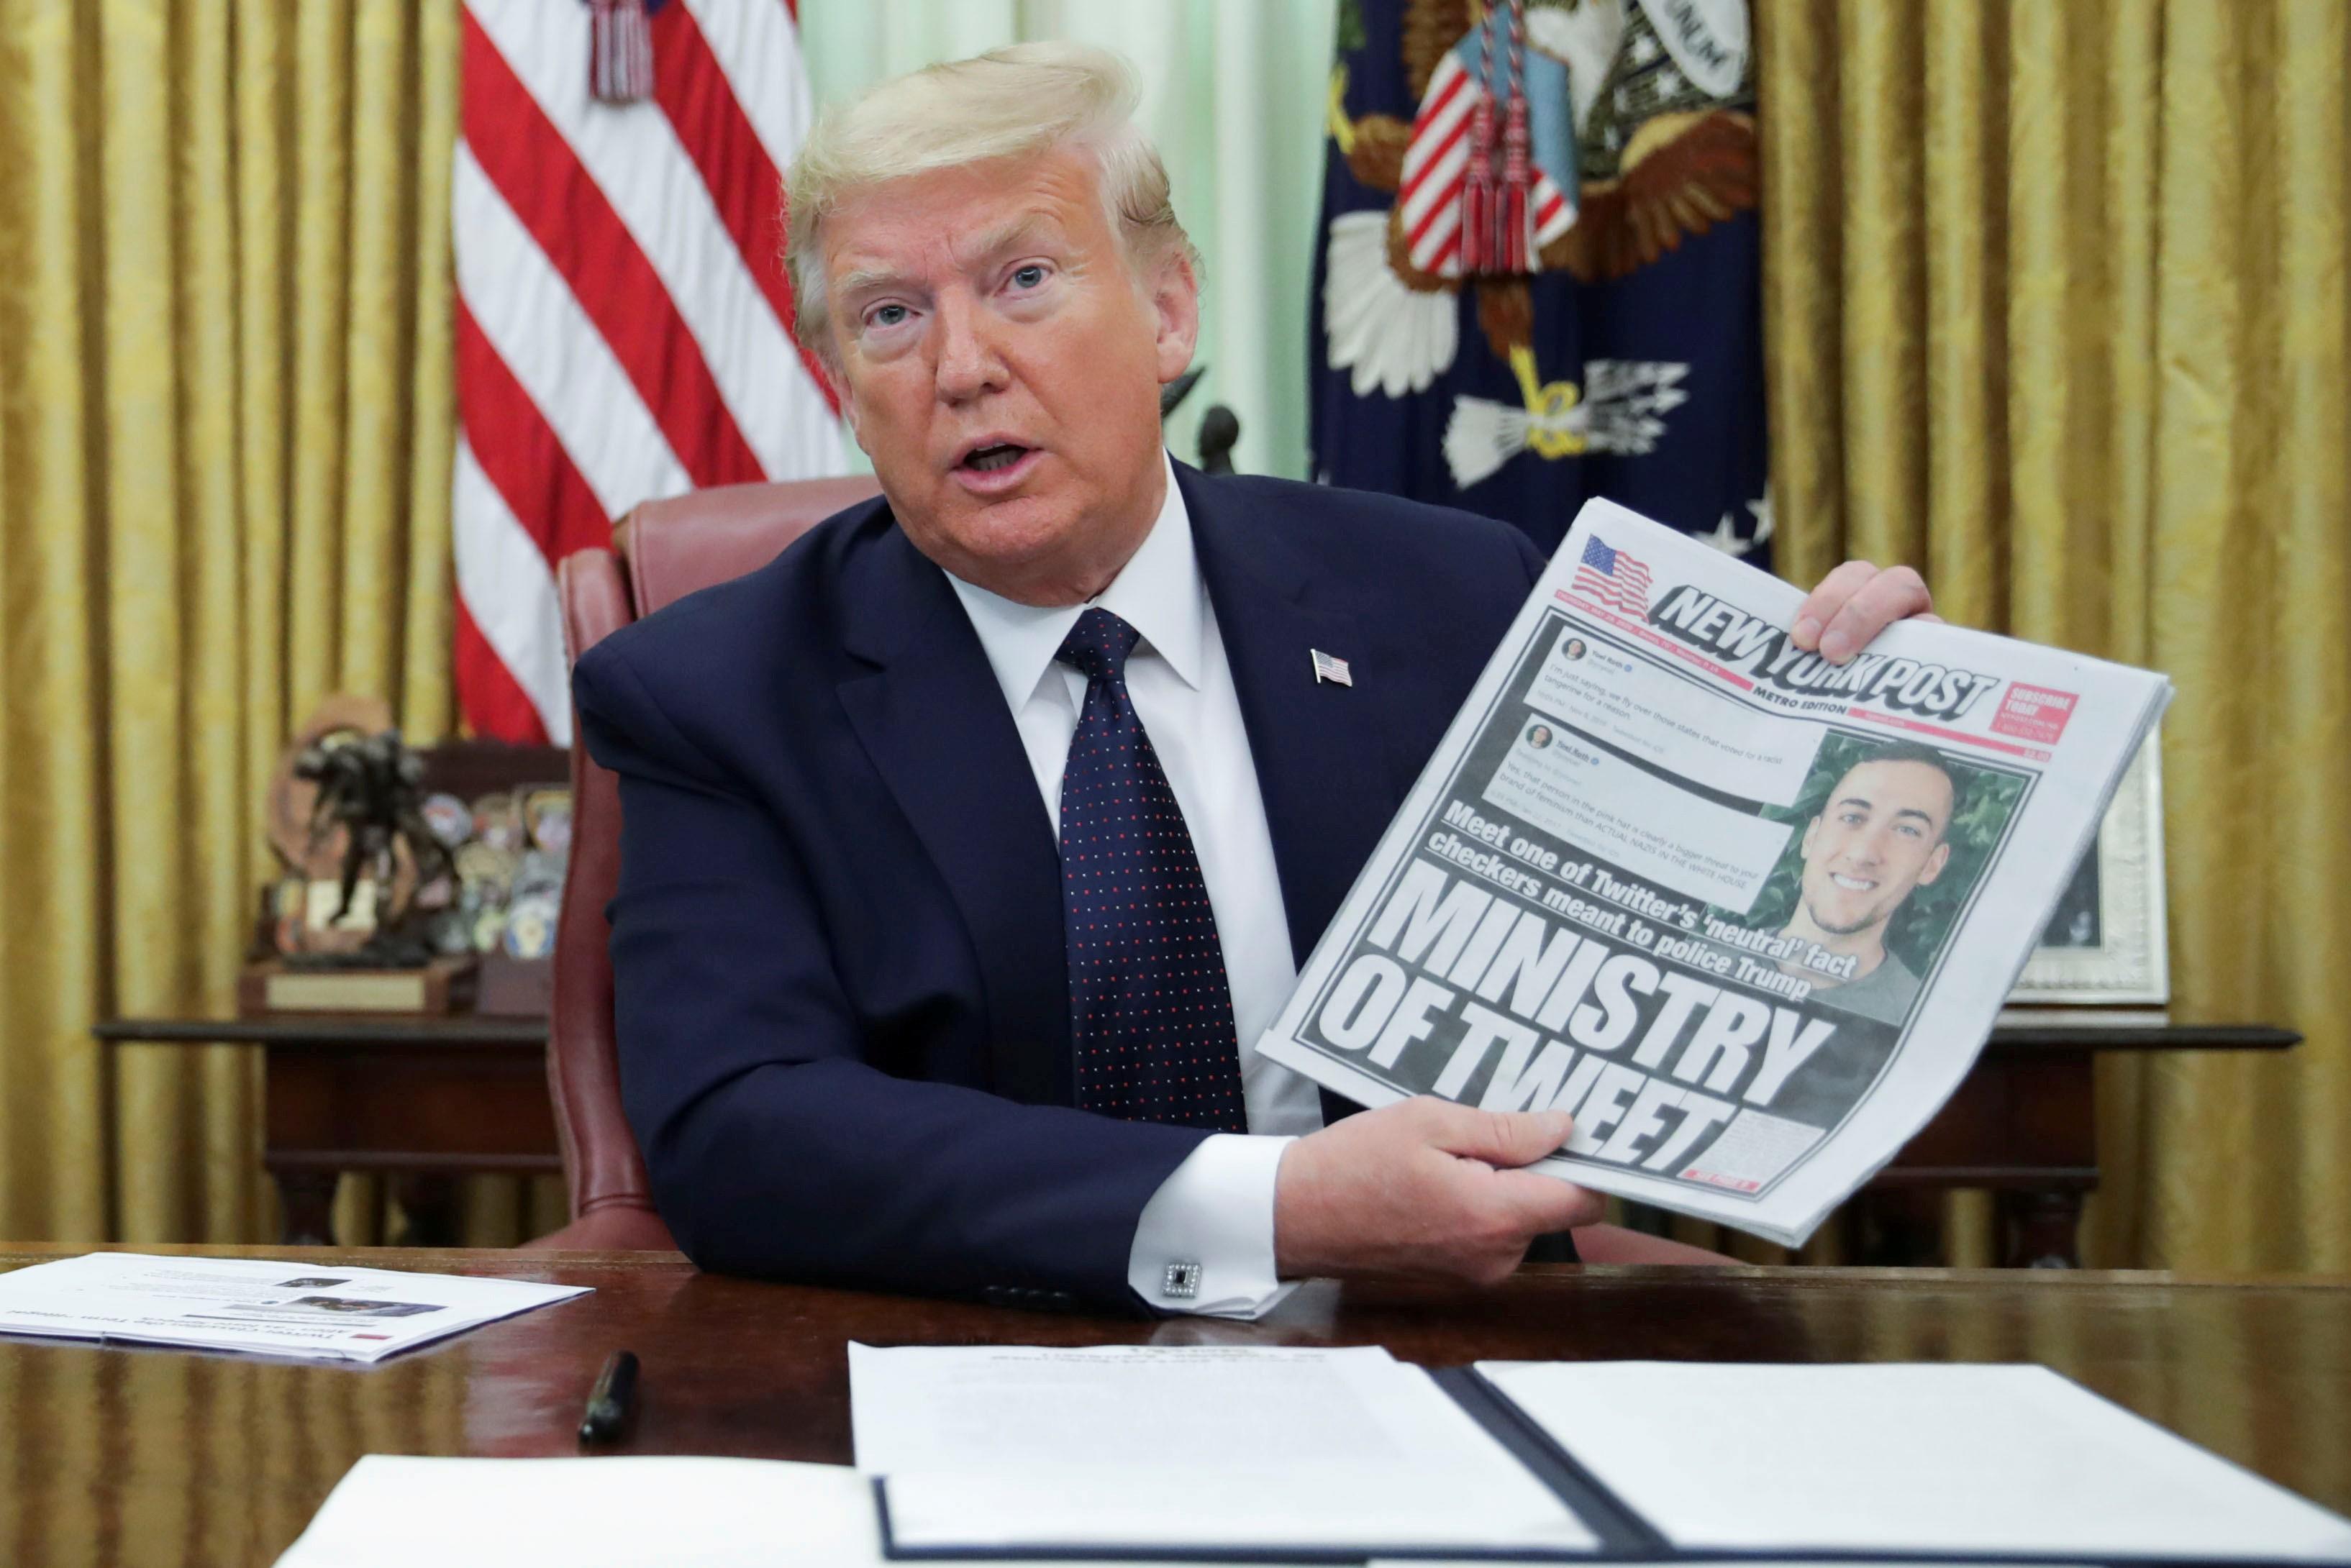 Com comícios paralisados e tuítes verificados, campanha de Trump recorre a aplicativo próprio